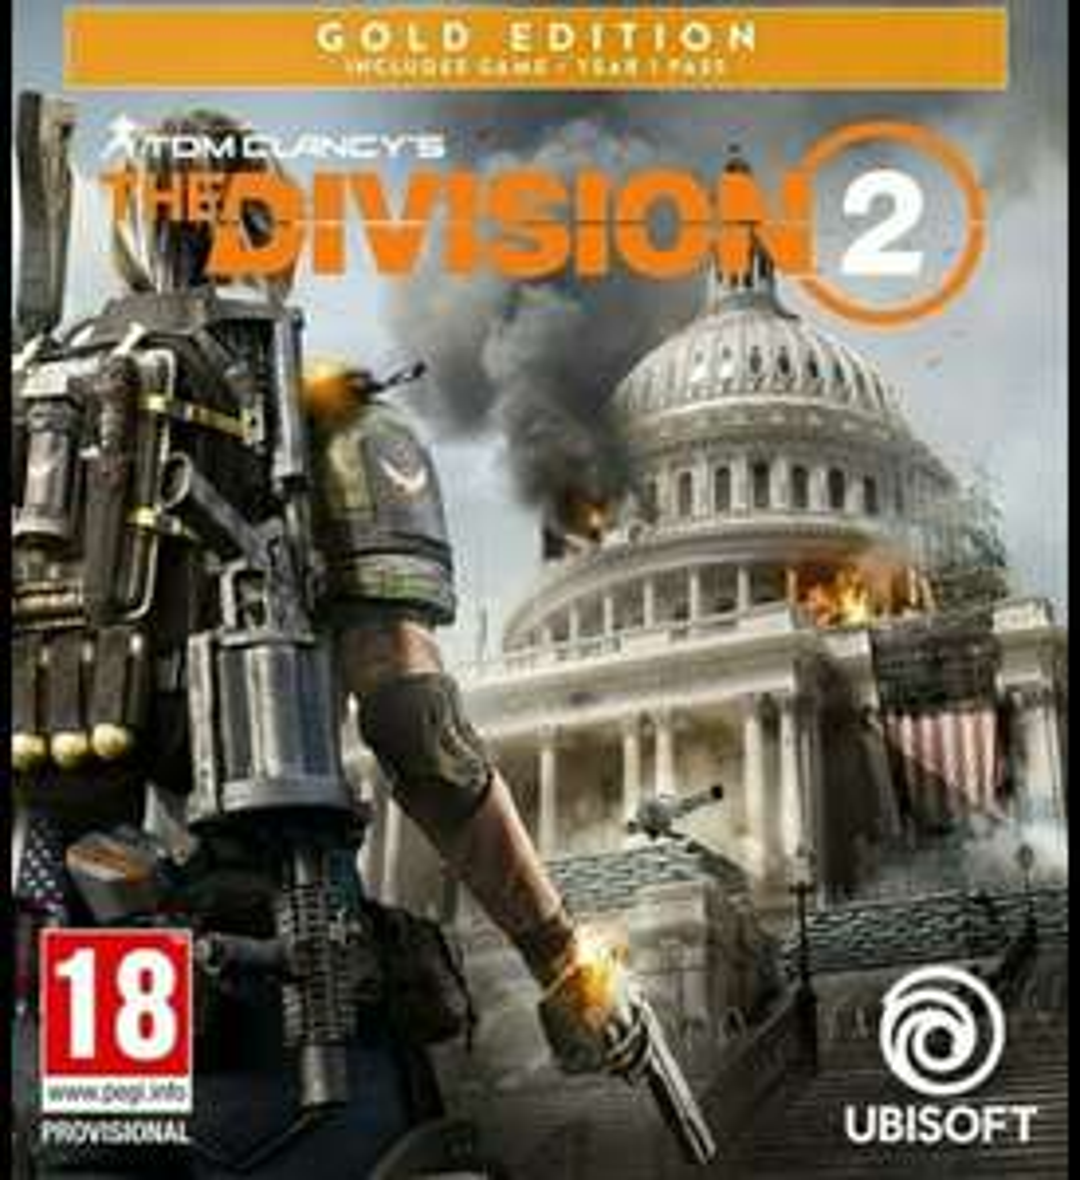 Tom Clancy's The Division 2 - Gold Edition für PS4, Xbox One für 21,50 EUR